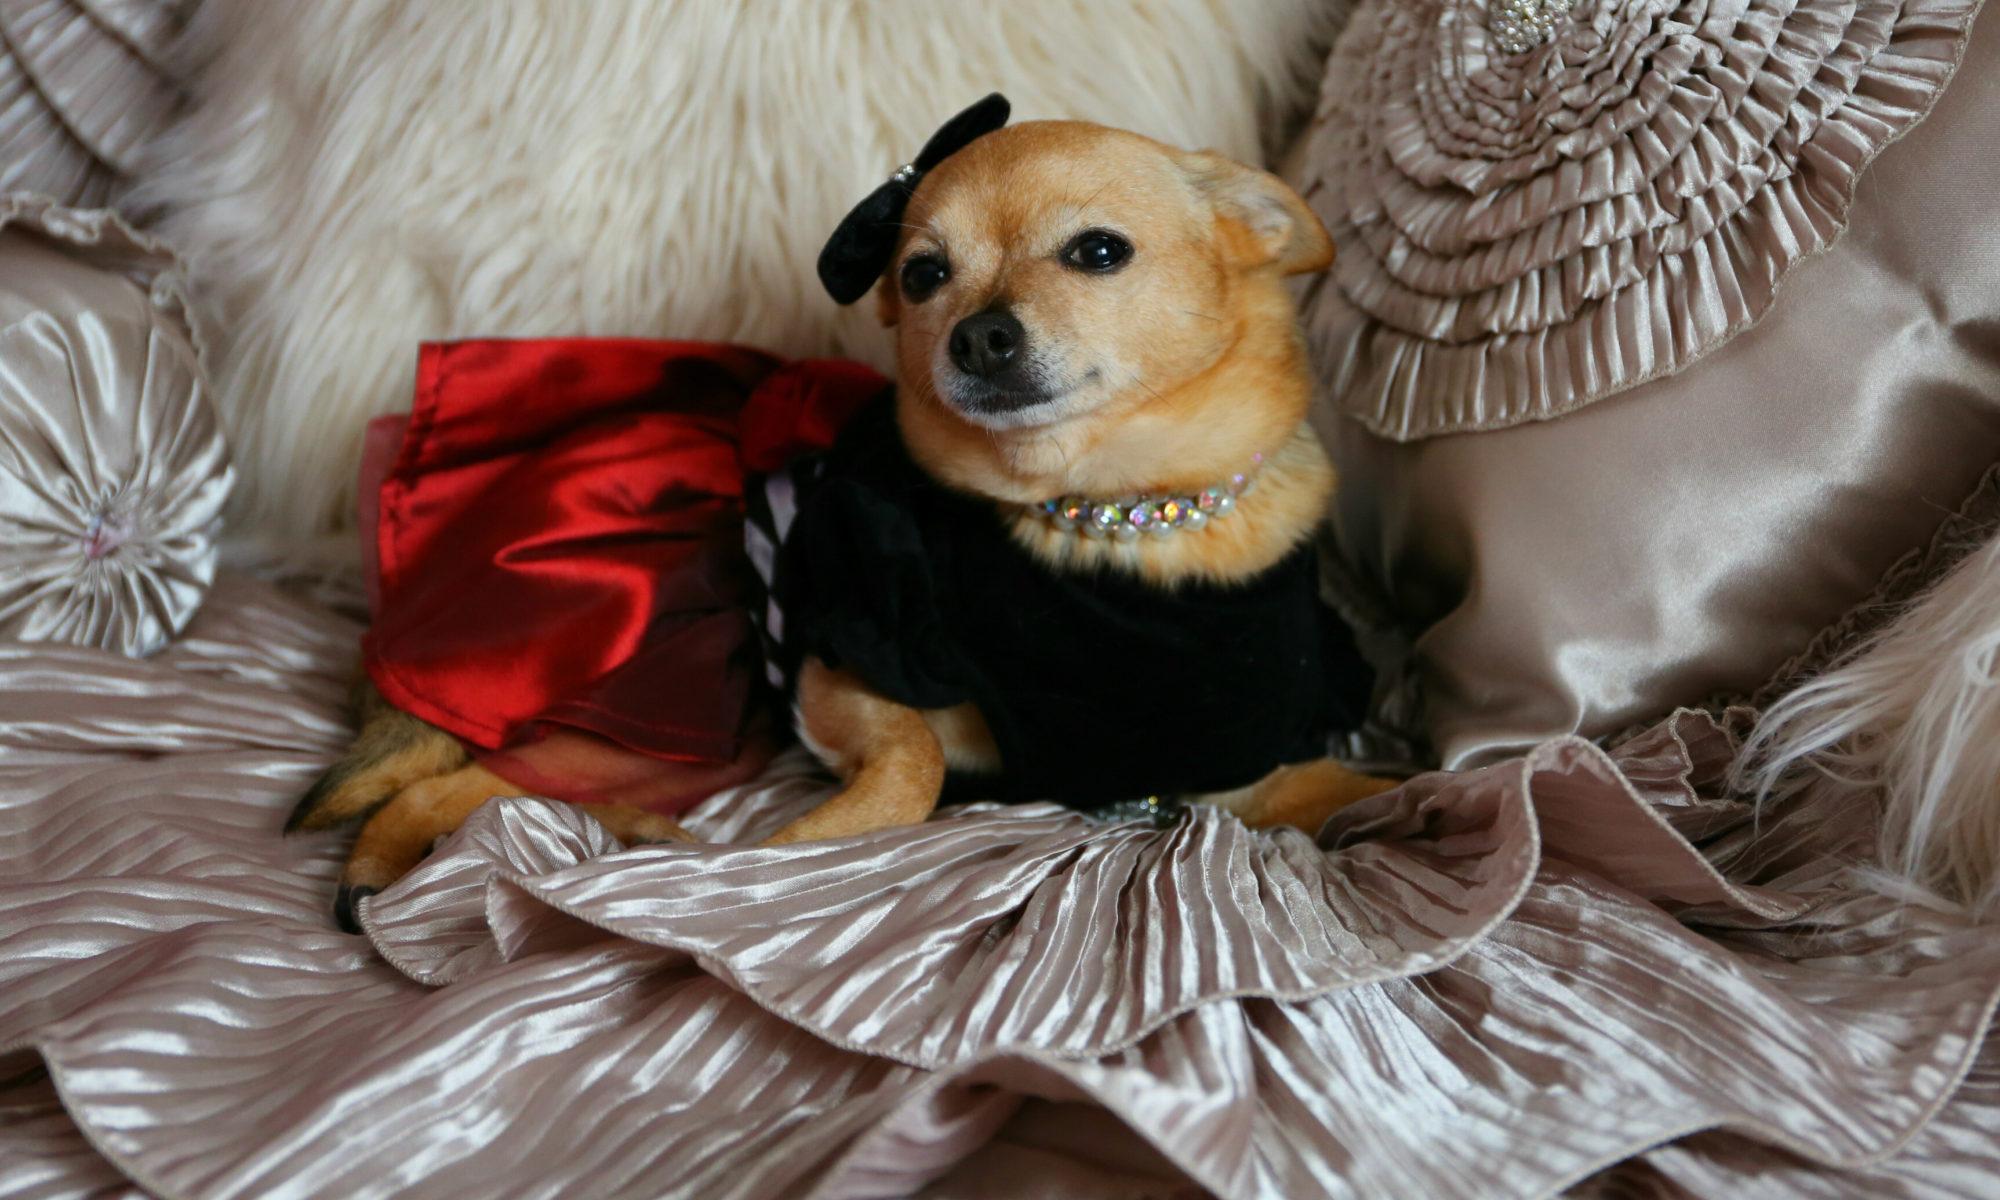 Shannon Heggem-Luxury Pet Expert